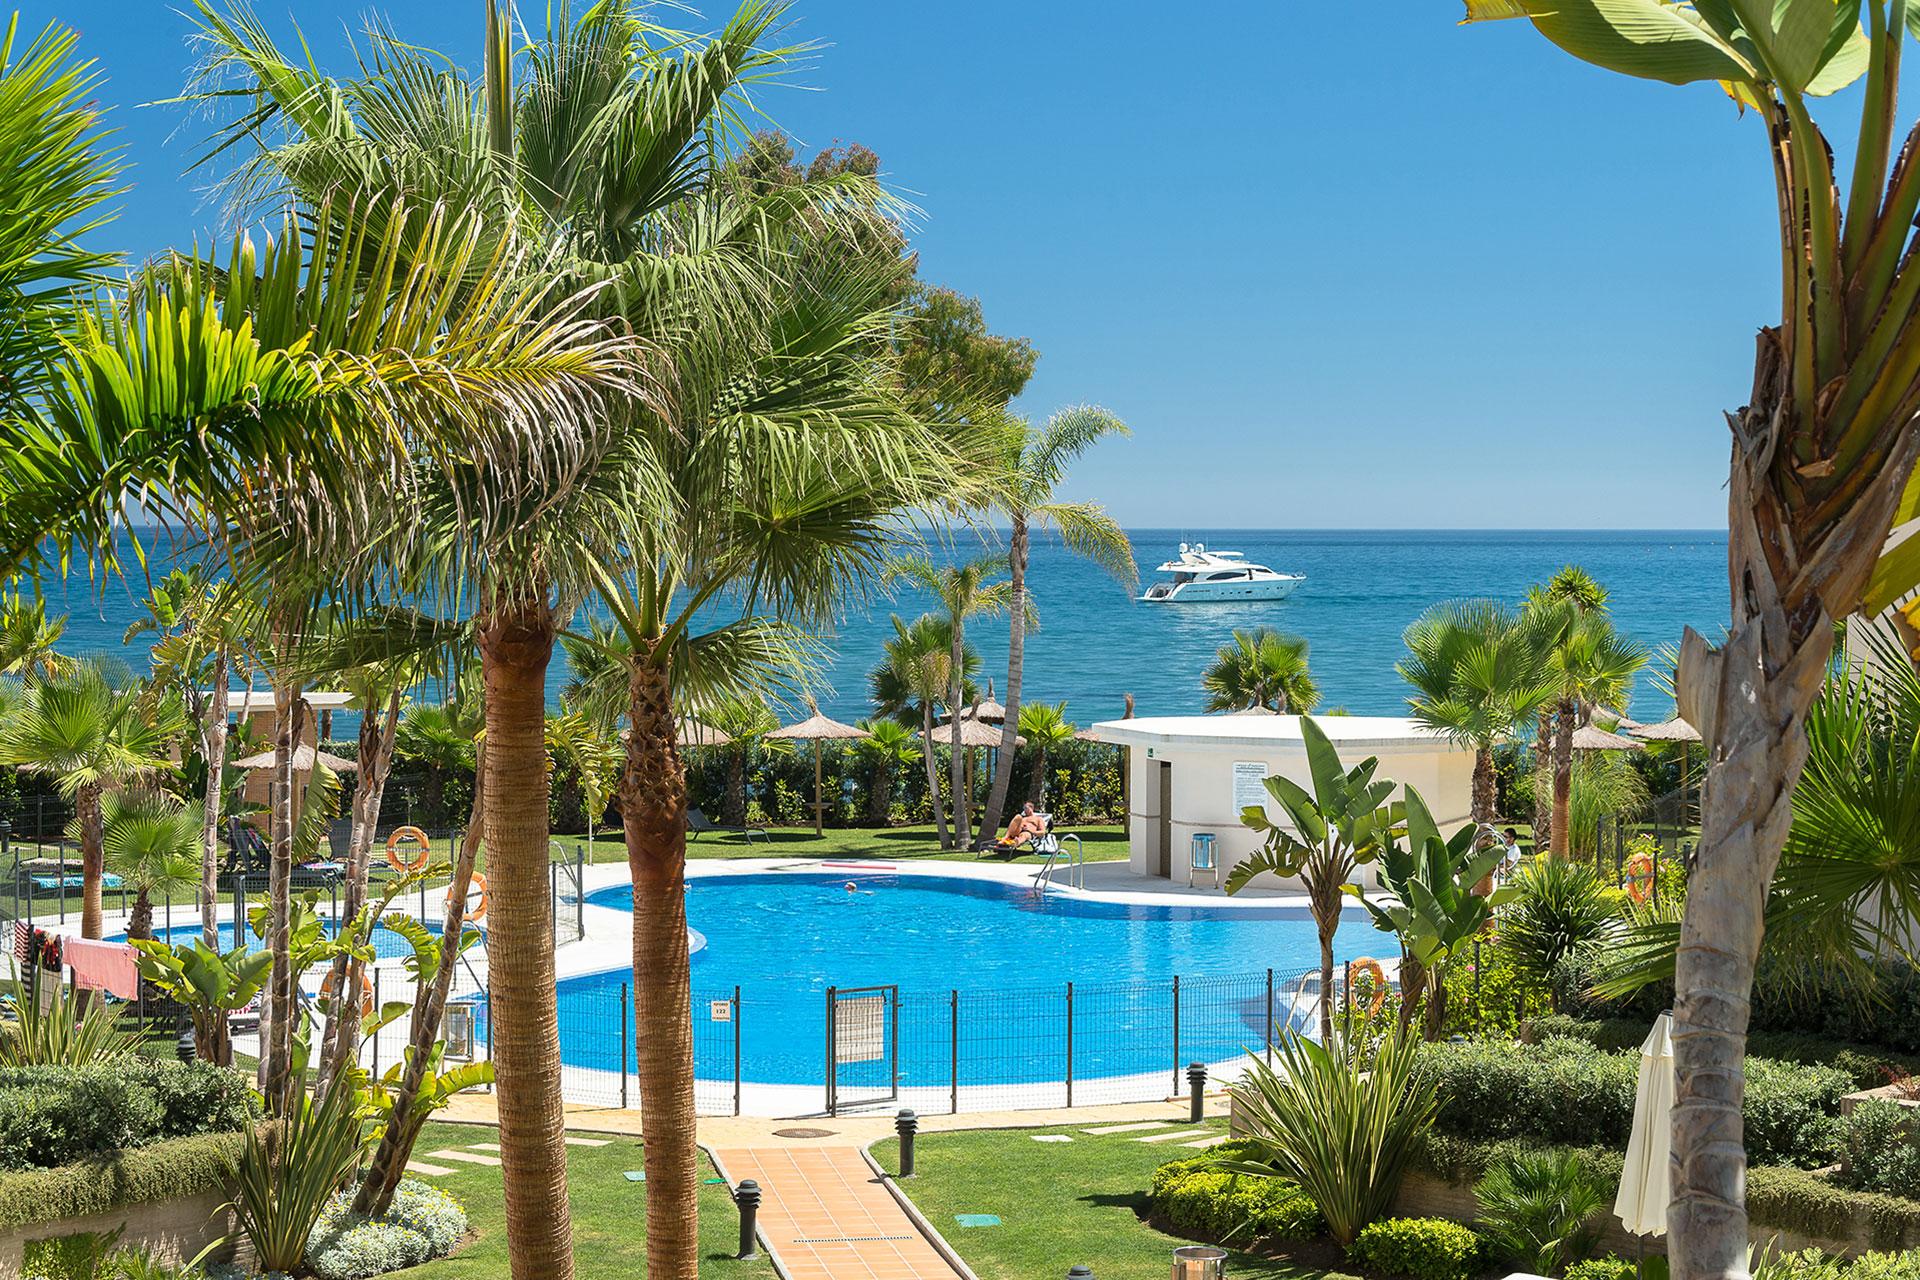 Individa-Spanien-Marbella-Estepona-170629-07-large